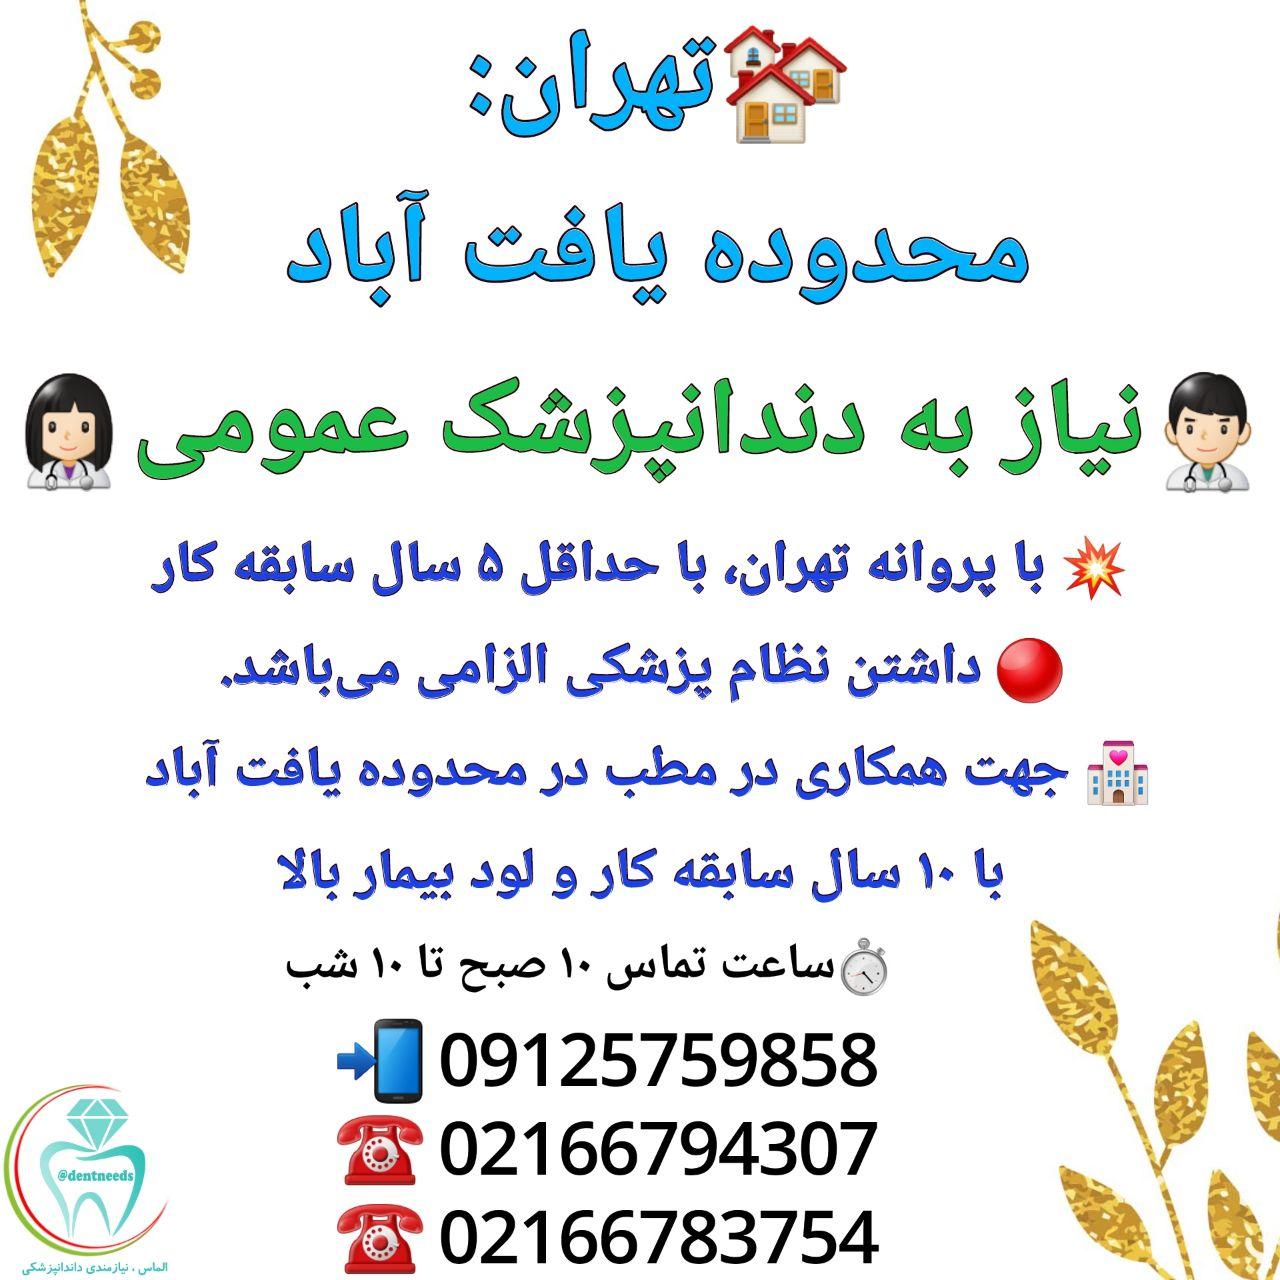 تهران: محدوده یافت آباد، نیاز به دندانپزشک عمومی